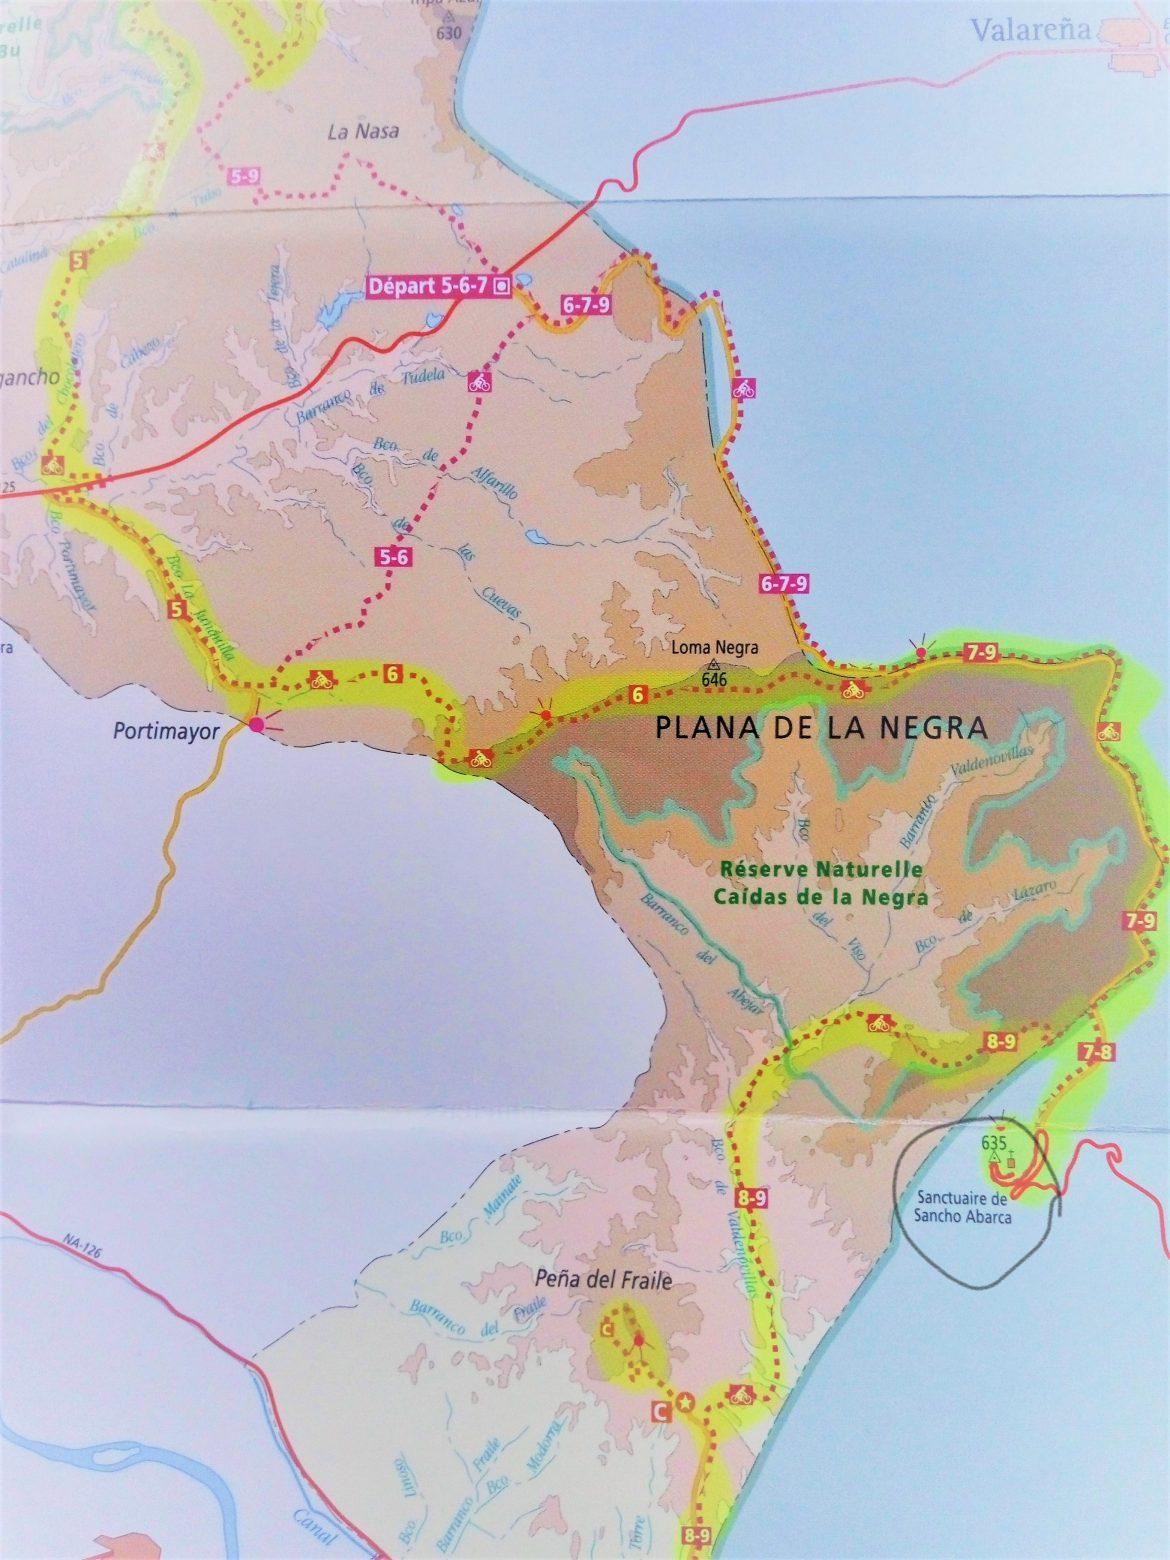 carte sanctuaire Sancho Abarca